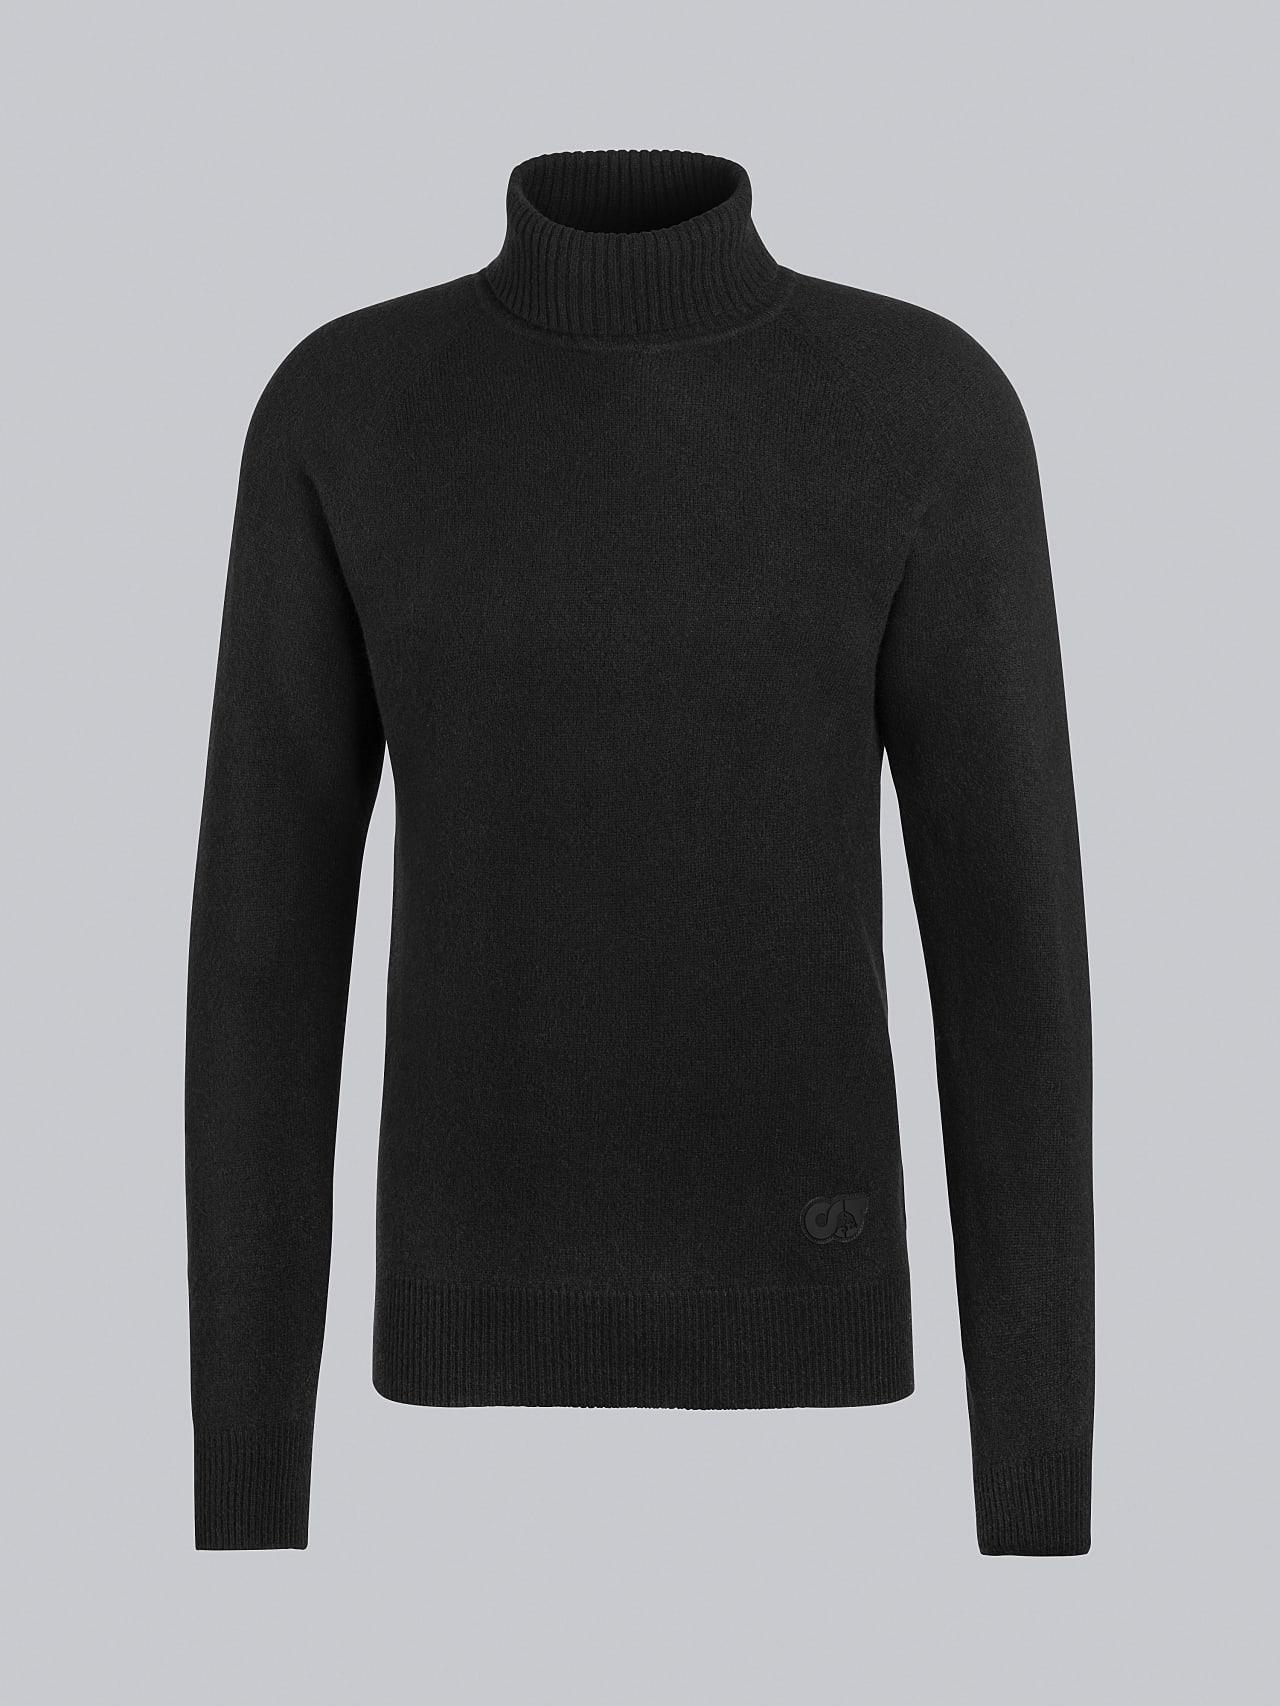 FLUCK V2.Y5.02 Seamless 3D Knit Cashmere-Blend Turtle Neck black Back Alpha Tauri